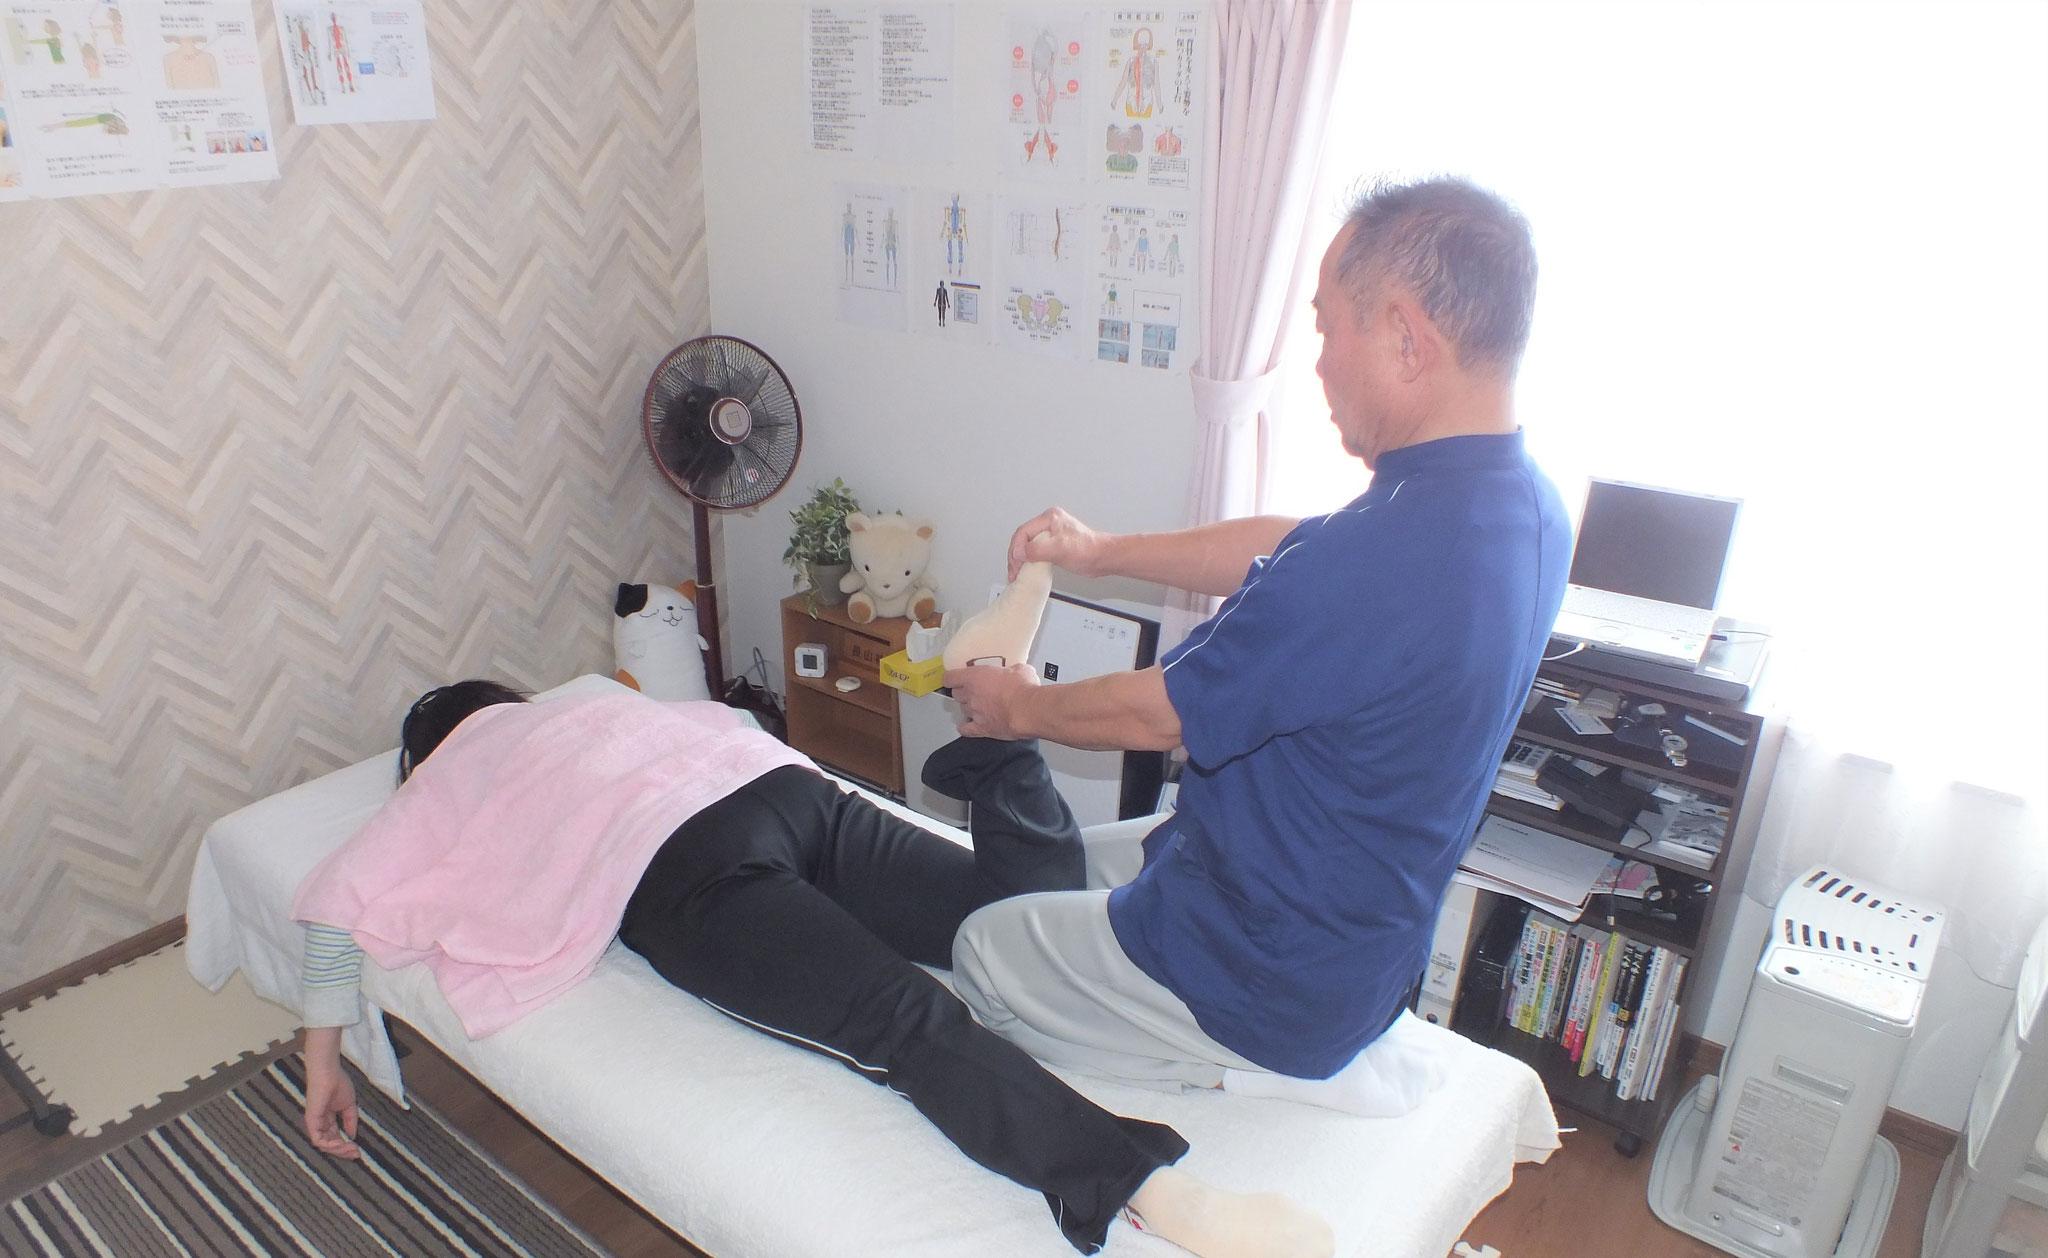 足首の調整